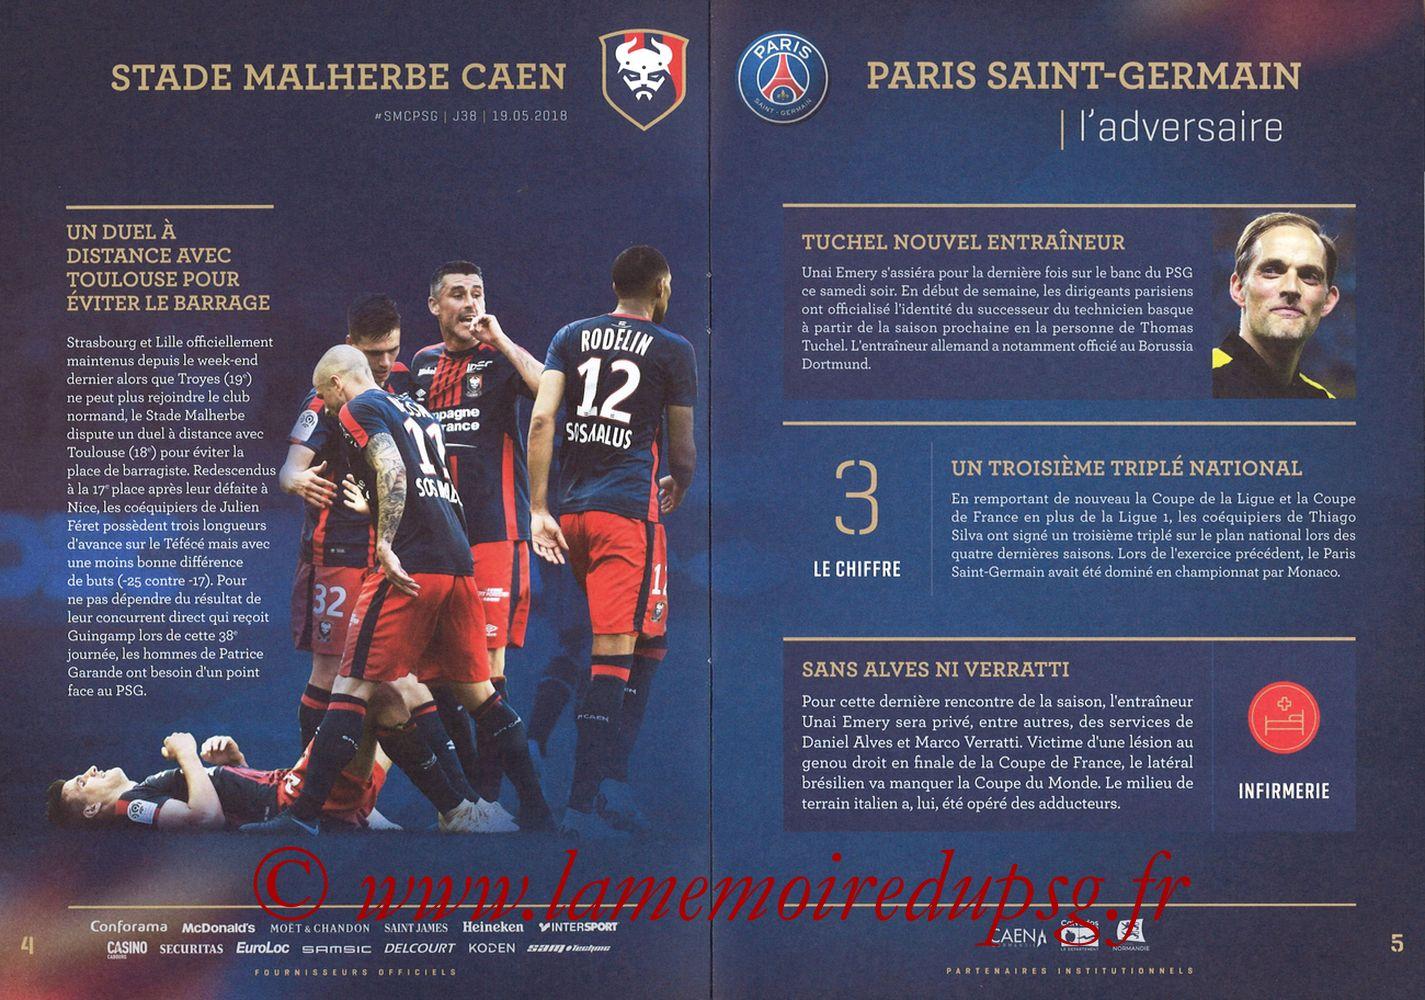 2018-05-19  Caen-PSG (38ème L1, Programme officiel) - Pages 04 et 05